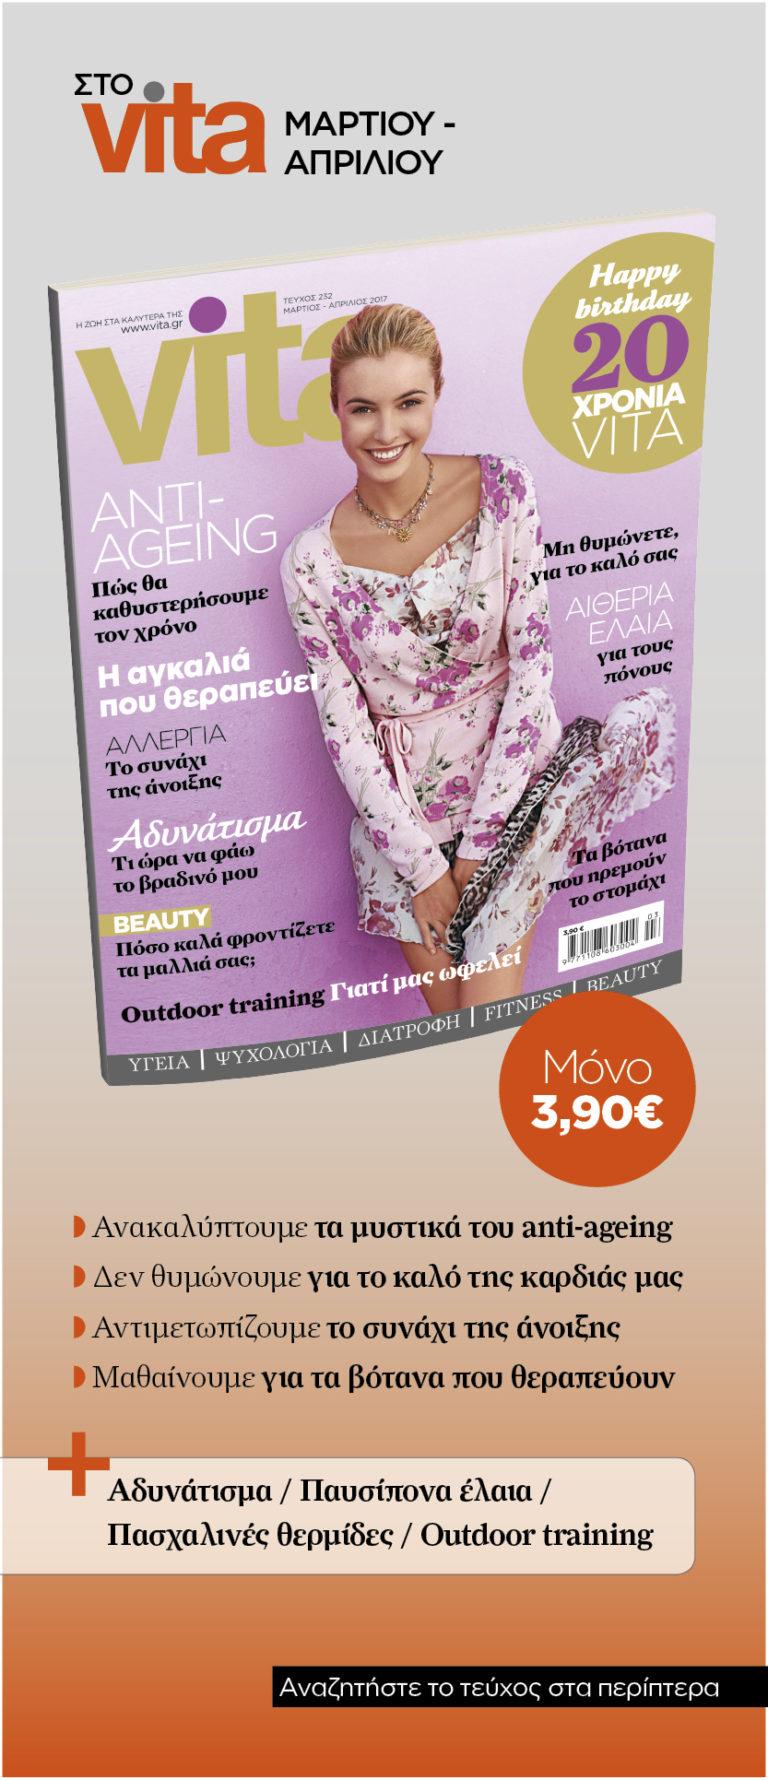 Vita Μάρτιος-Απρίλιος | vita.gr